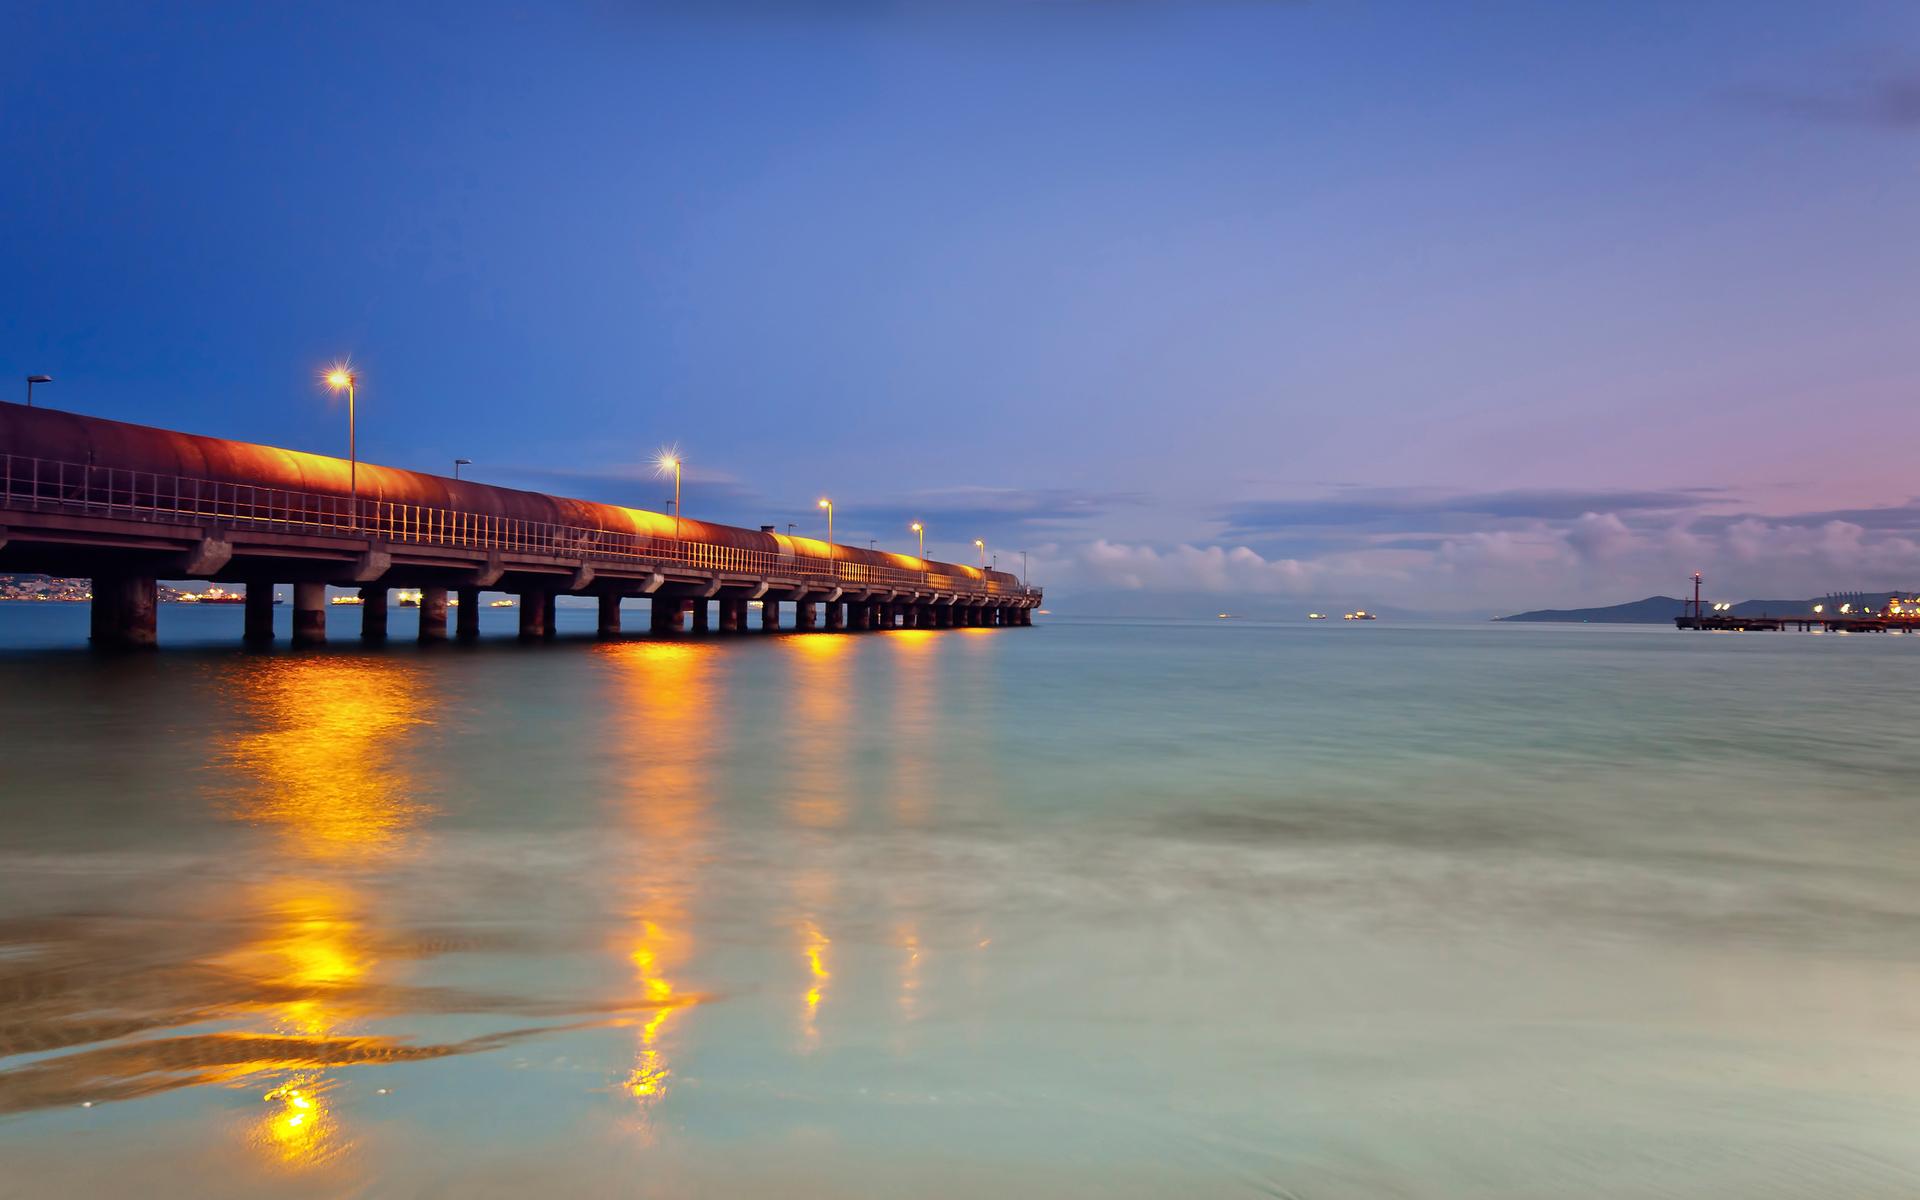 lights at beach